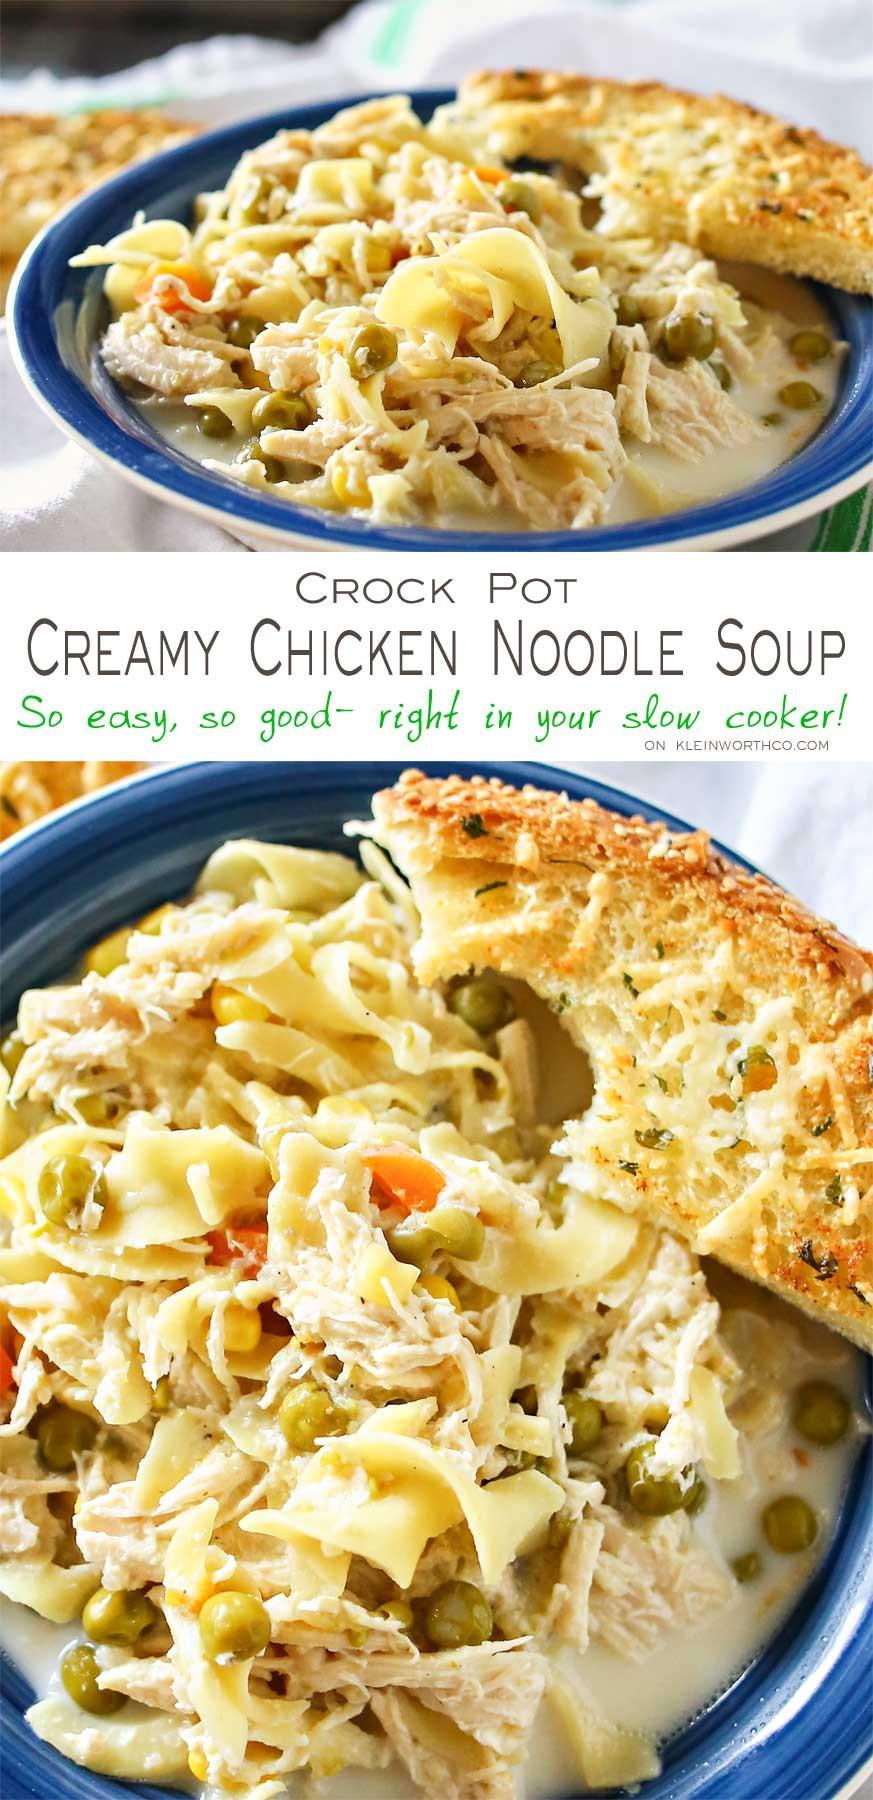 Kraft Chicken Noodle Dinner  Creamy Chicken Noodle Soup Kleinworth & Co